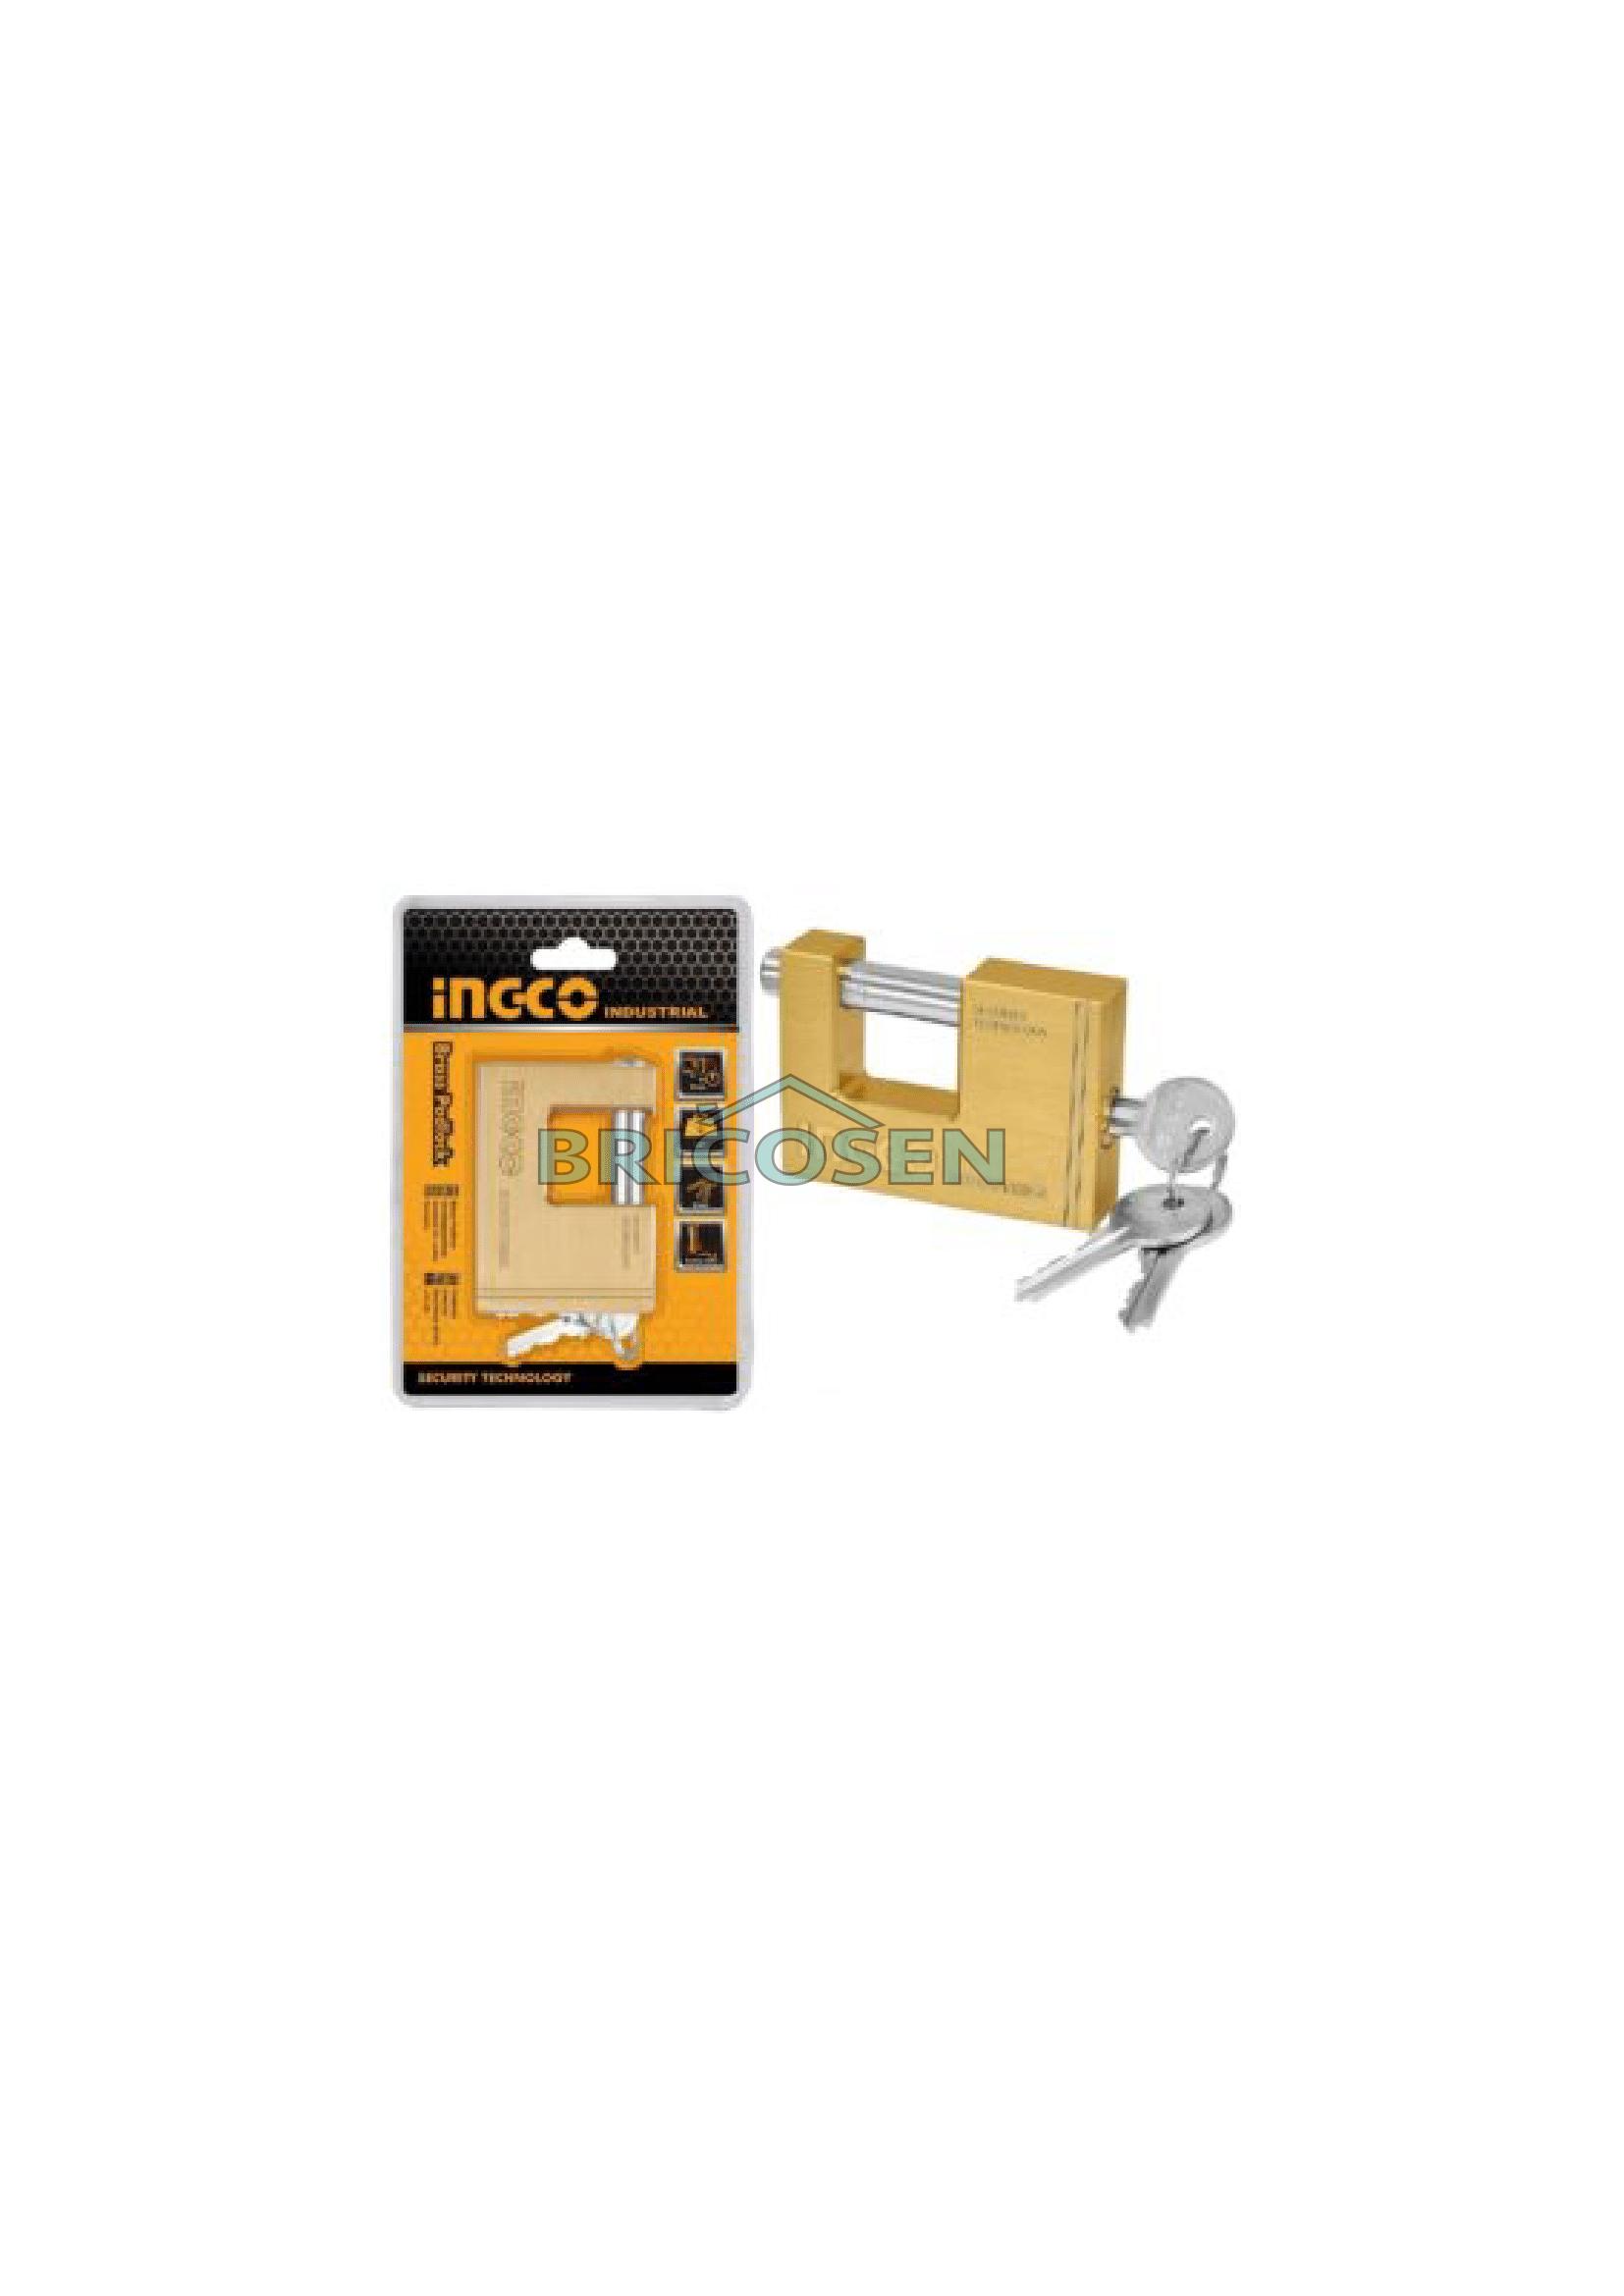 Bloc cadenas en laiton 90mm AXE INGCO DBBPL0902 bricosen quincaillerie senegal